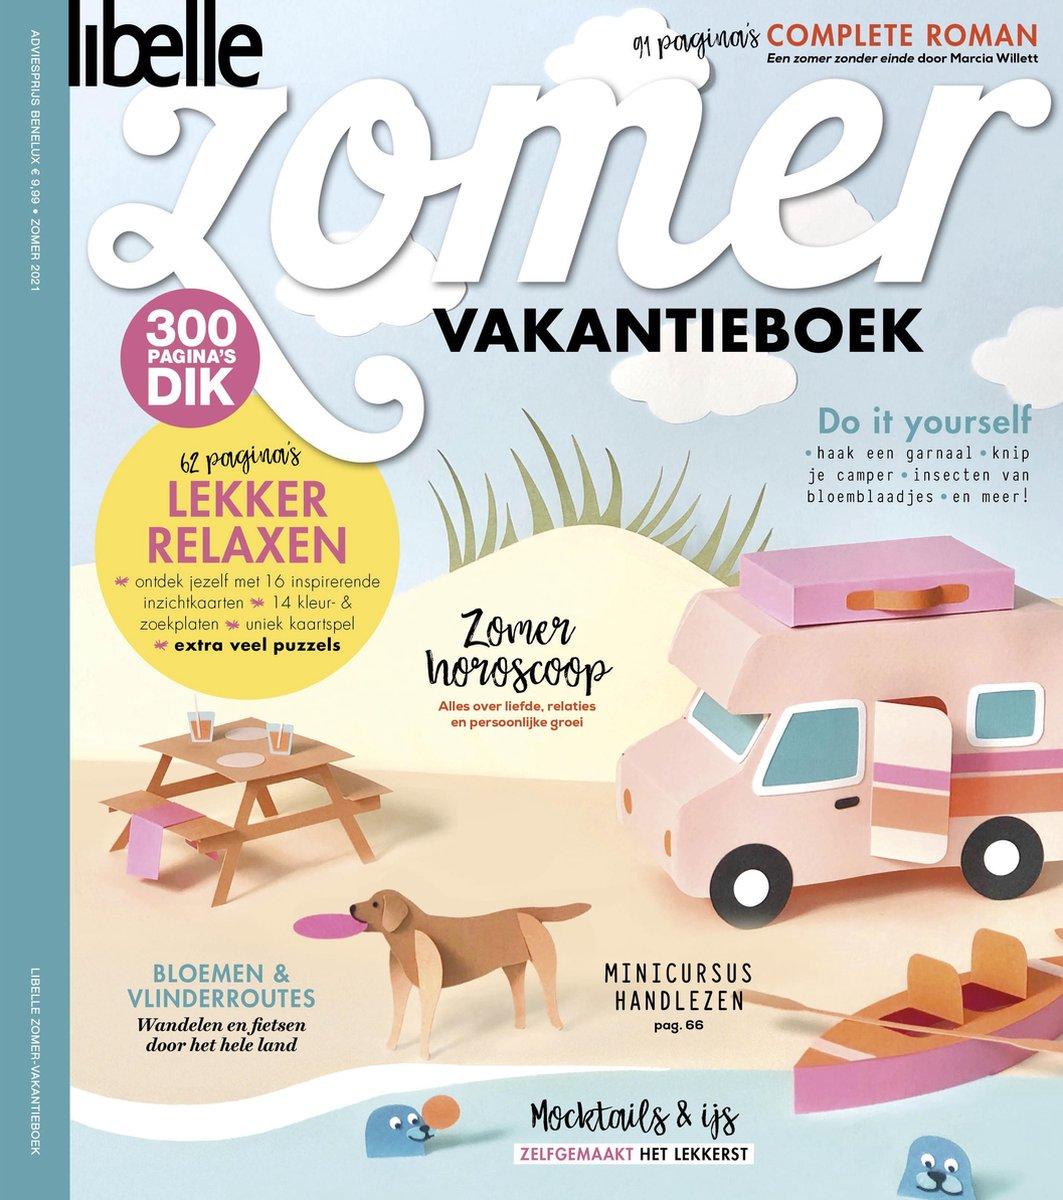 Libelle Zomer vakantieboek 2021